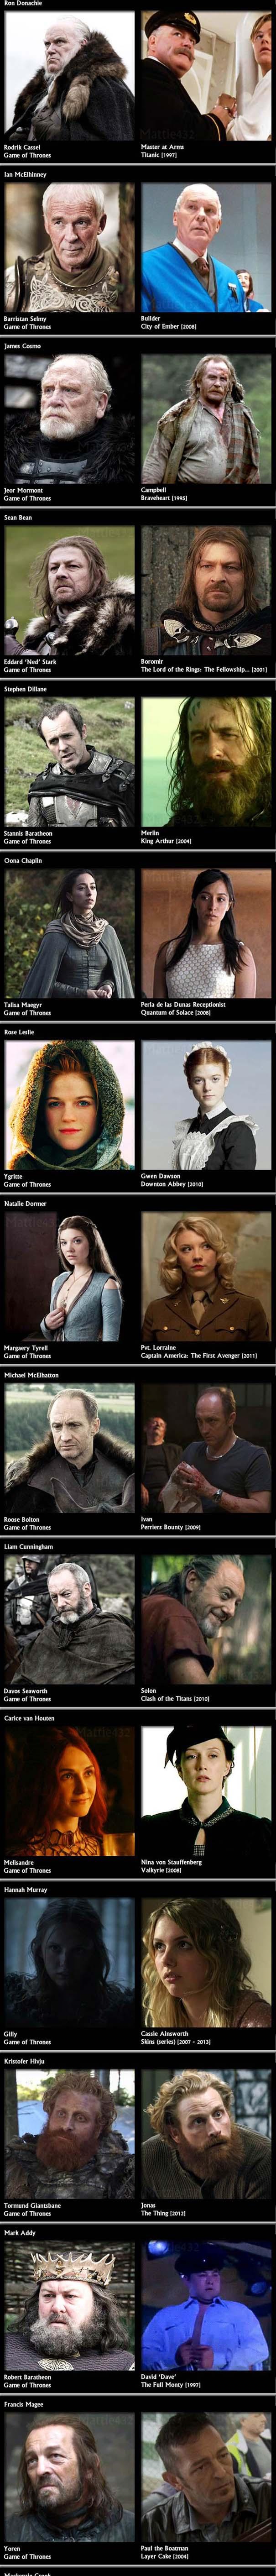 Οι ηθοποιοί του Game Of Thrones σε προηγούμενους ρόλους (4)